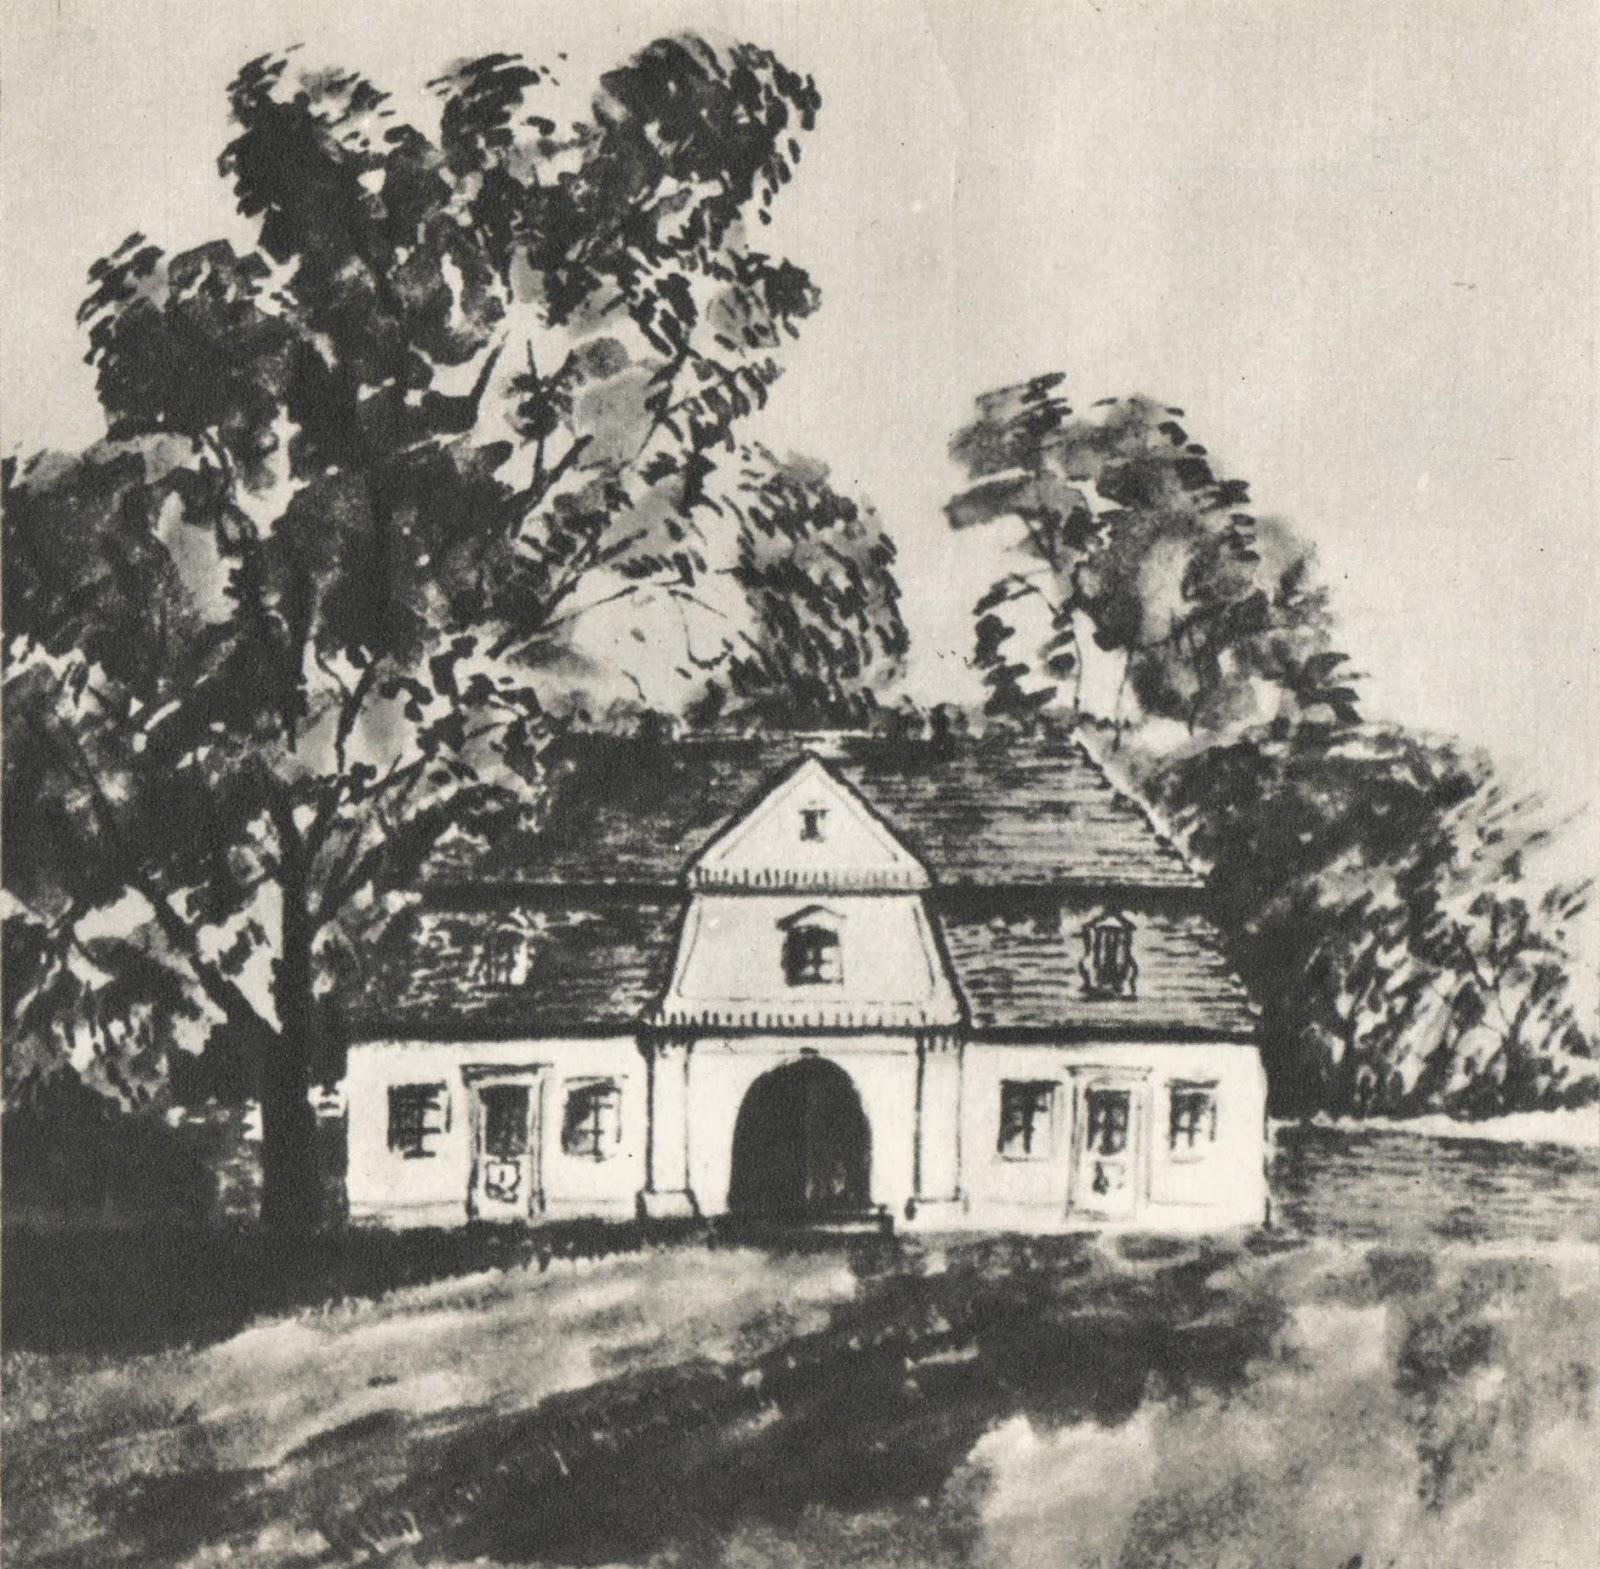 Poznanskie Historie W Domu I W Kamienicy Czyli Jak Mieszkali